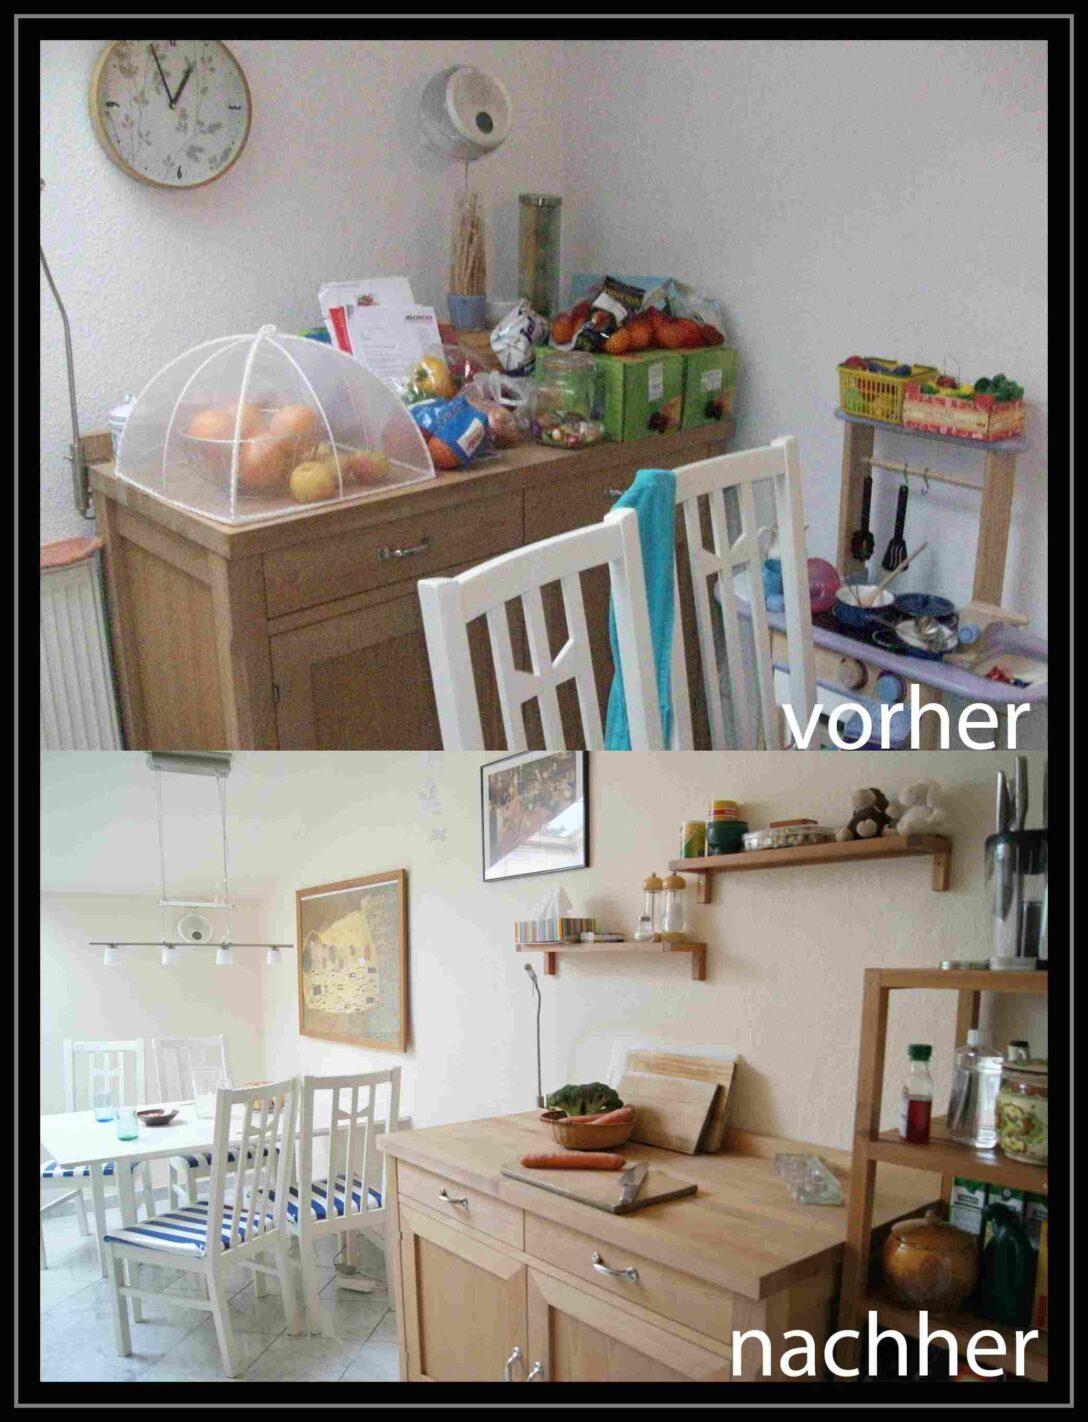 Large Size of Kchenablage Bilder Ideen Couch Behindertengerechte Küche Regal Tisch Kombination Sitzbank Miniküche Kleiner Landhaus Deckenleuchte Kaufen Ikea Granitplatten Wohnzimmer Ablage Regal Küche